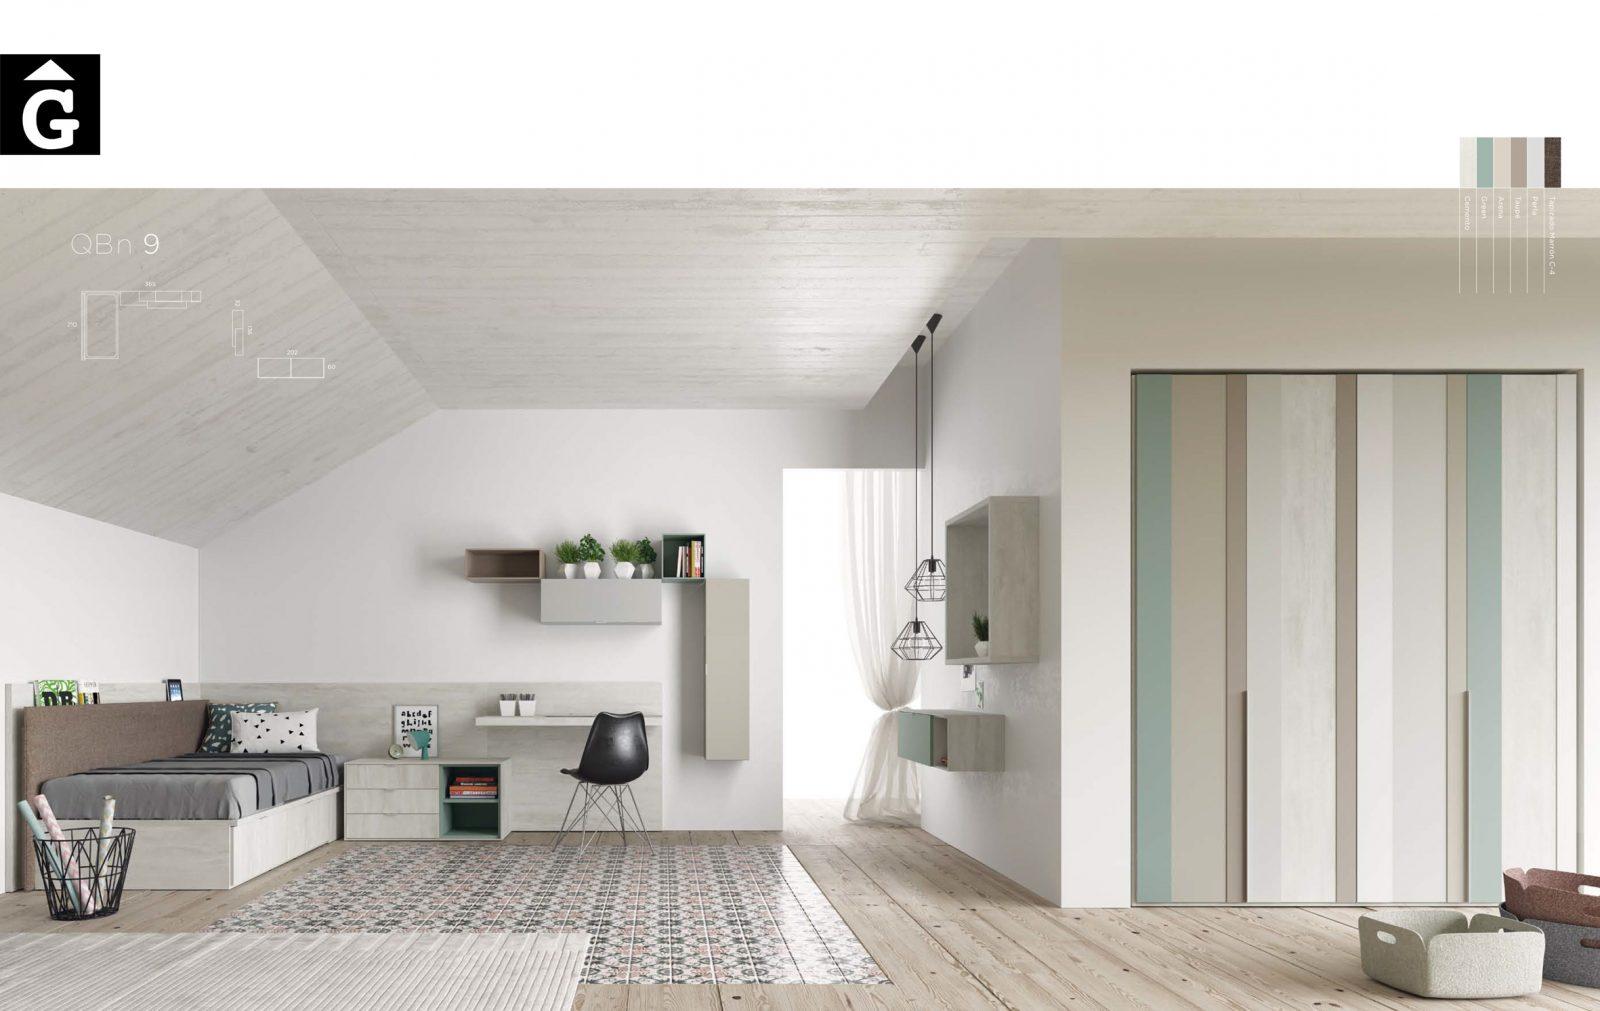 24 0 QB NEXT Tegar by nobles GIFREU Girona modern minim elegant atemporal